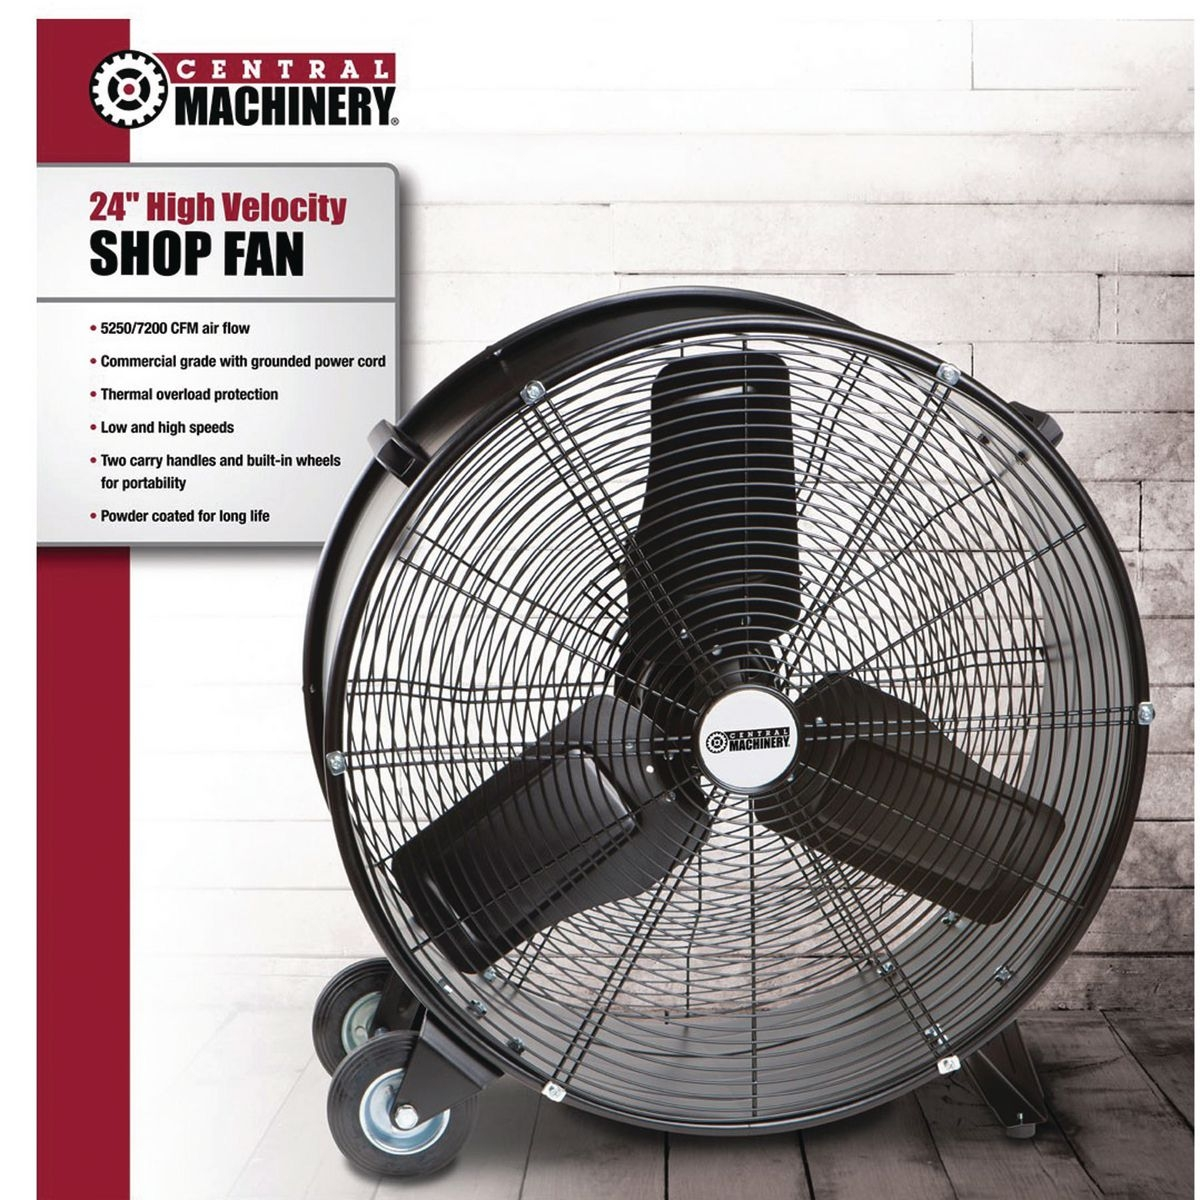 Carpet Fan Harbor Freight Best Fan Imageforms Co